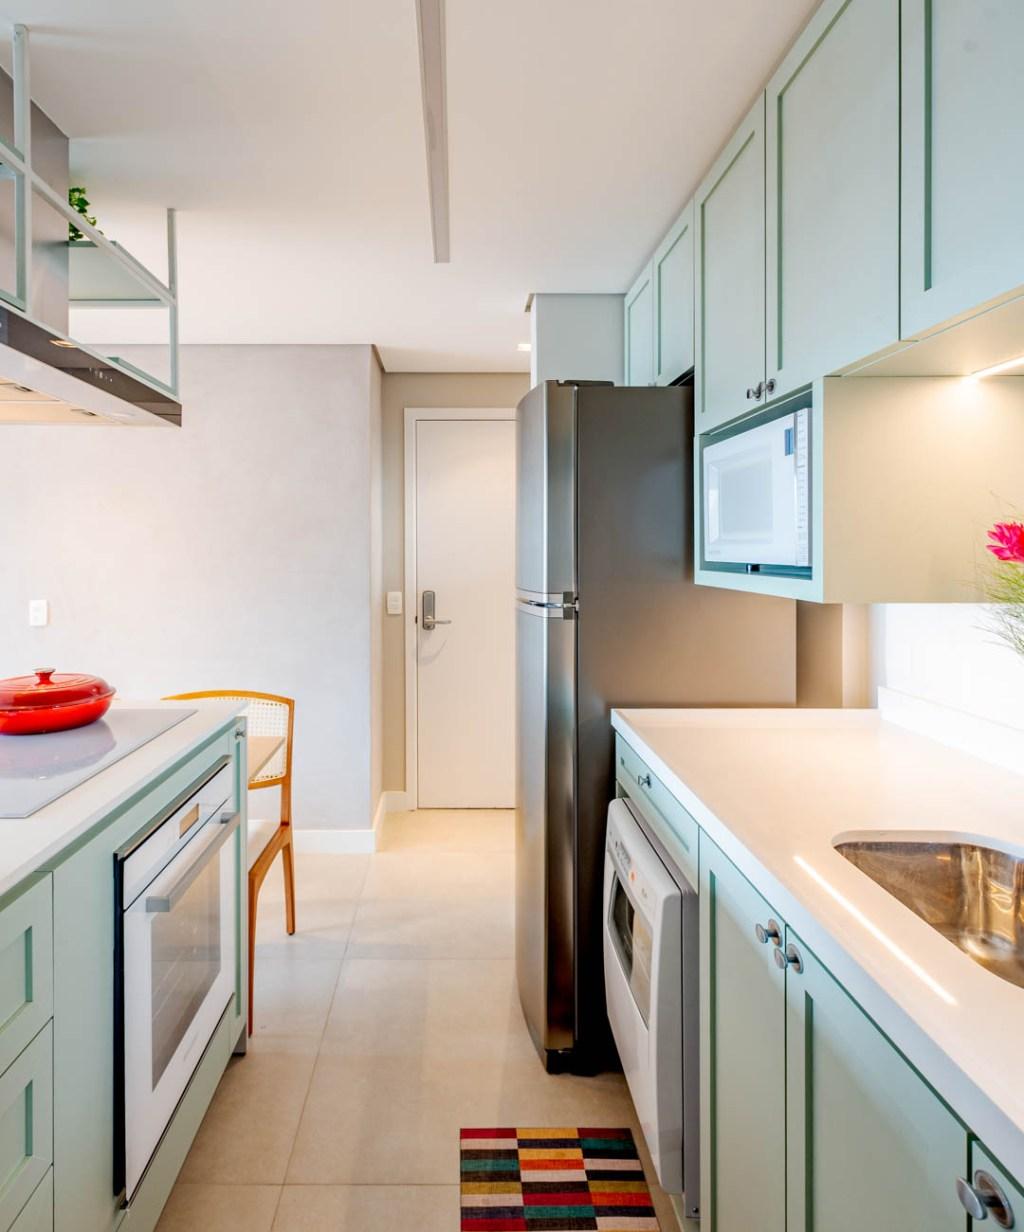 Cozinha com armários verde claros à direita e à esquerda, ilha com armários também verdes